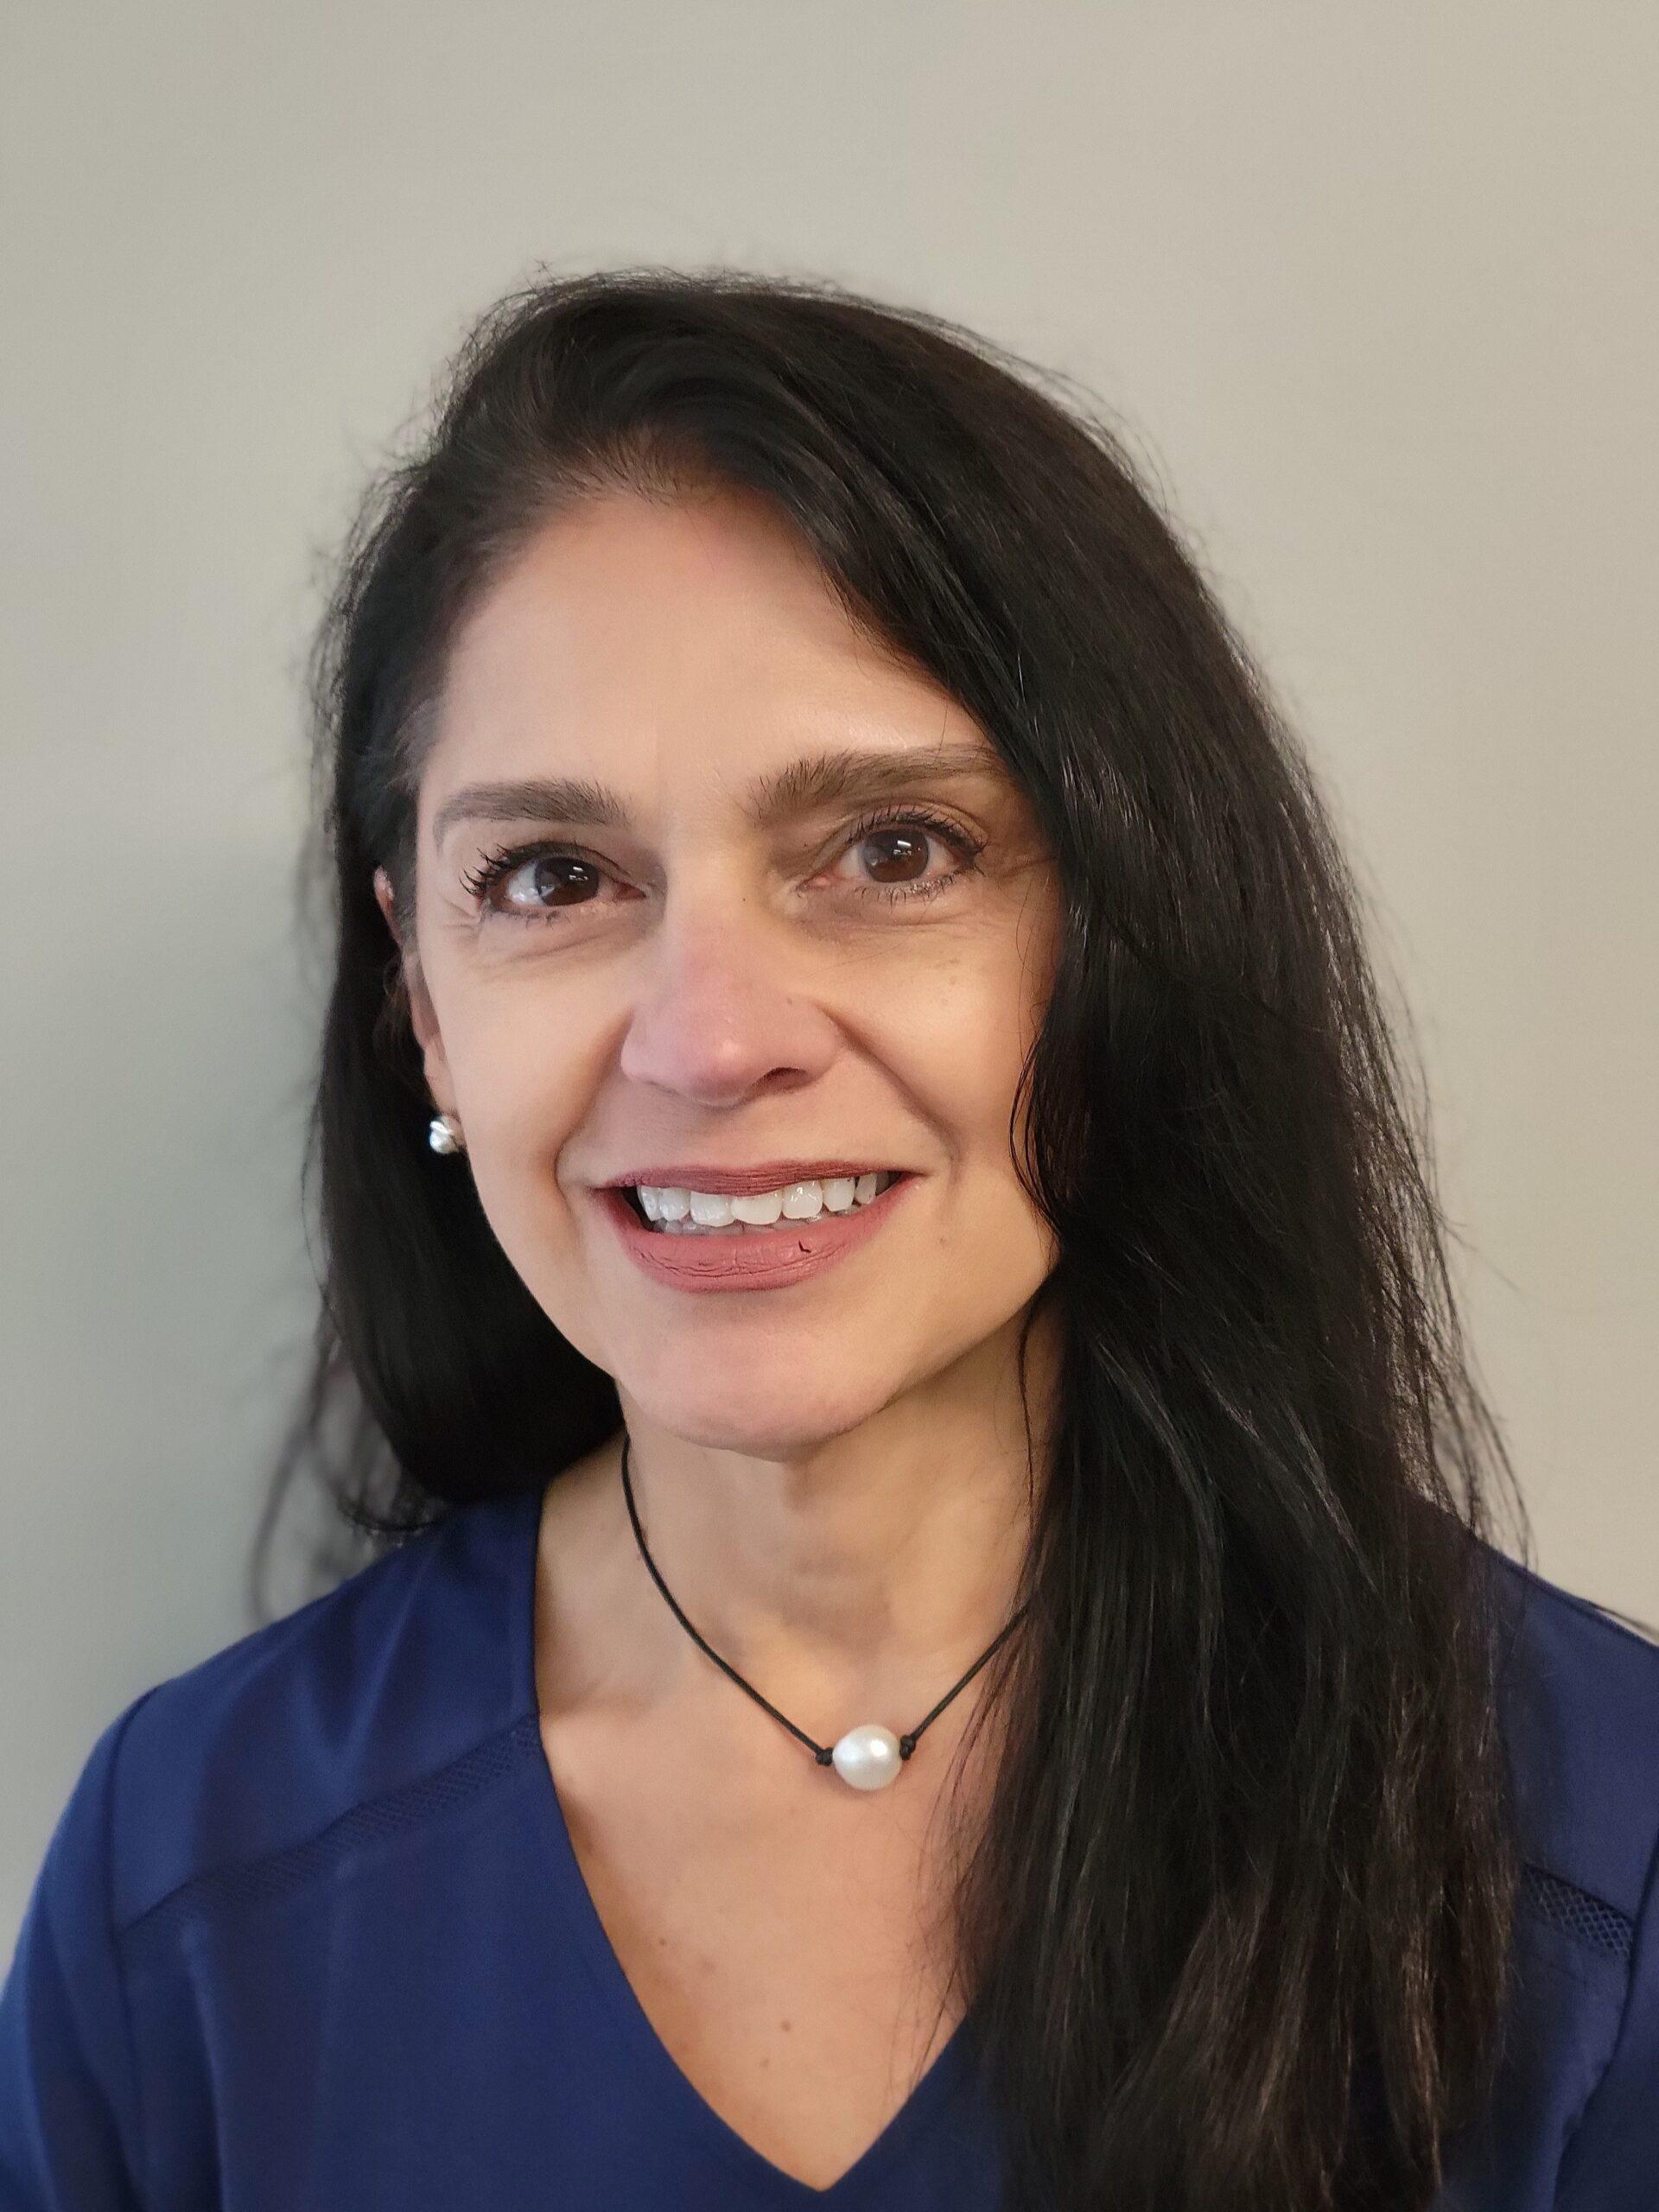 Yvette Carrasquillo